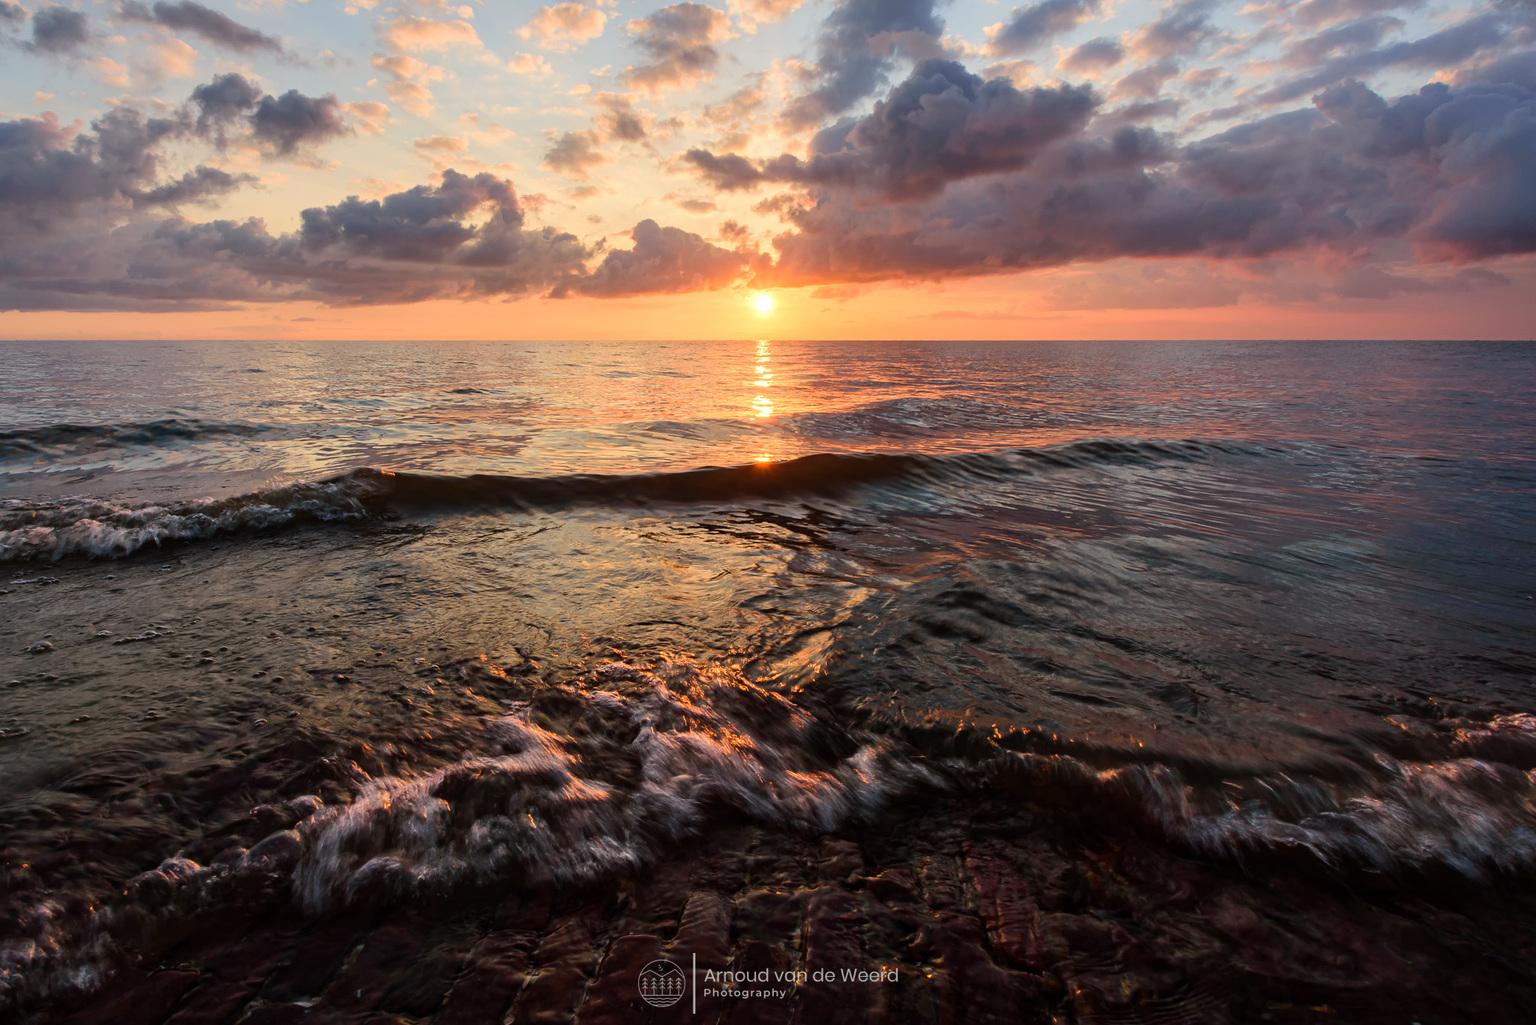 Morning Bliss - Wat een geweldige manier om de dag te beginnen met deze omstandigheden aan de waterkant! Fijn weekend en dank voor alle reacties op mijn vorige foto. - foto door Arnoud78 op 17-04-2021 - locatie: 1135 Edam, Nederland - deze foto bevat: landschap, waterkant, water, zonsopkomst, kust, wolken, seascape, zon, golven, edam, noord-holland, wolk, water, lucht, atmosfeer, watervoorraden, nagloeien, natuurlijk landschap, vloeistof, zonlicht, strand